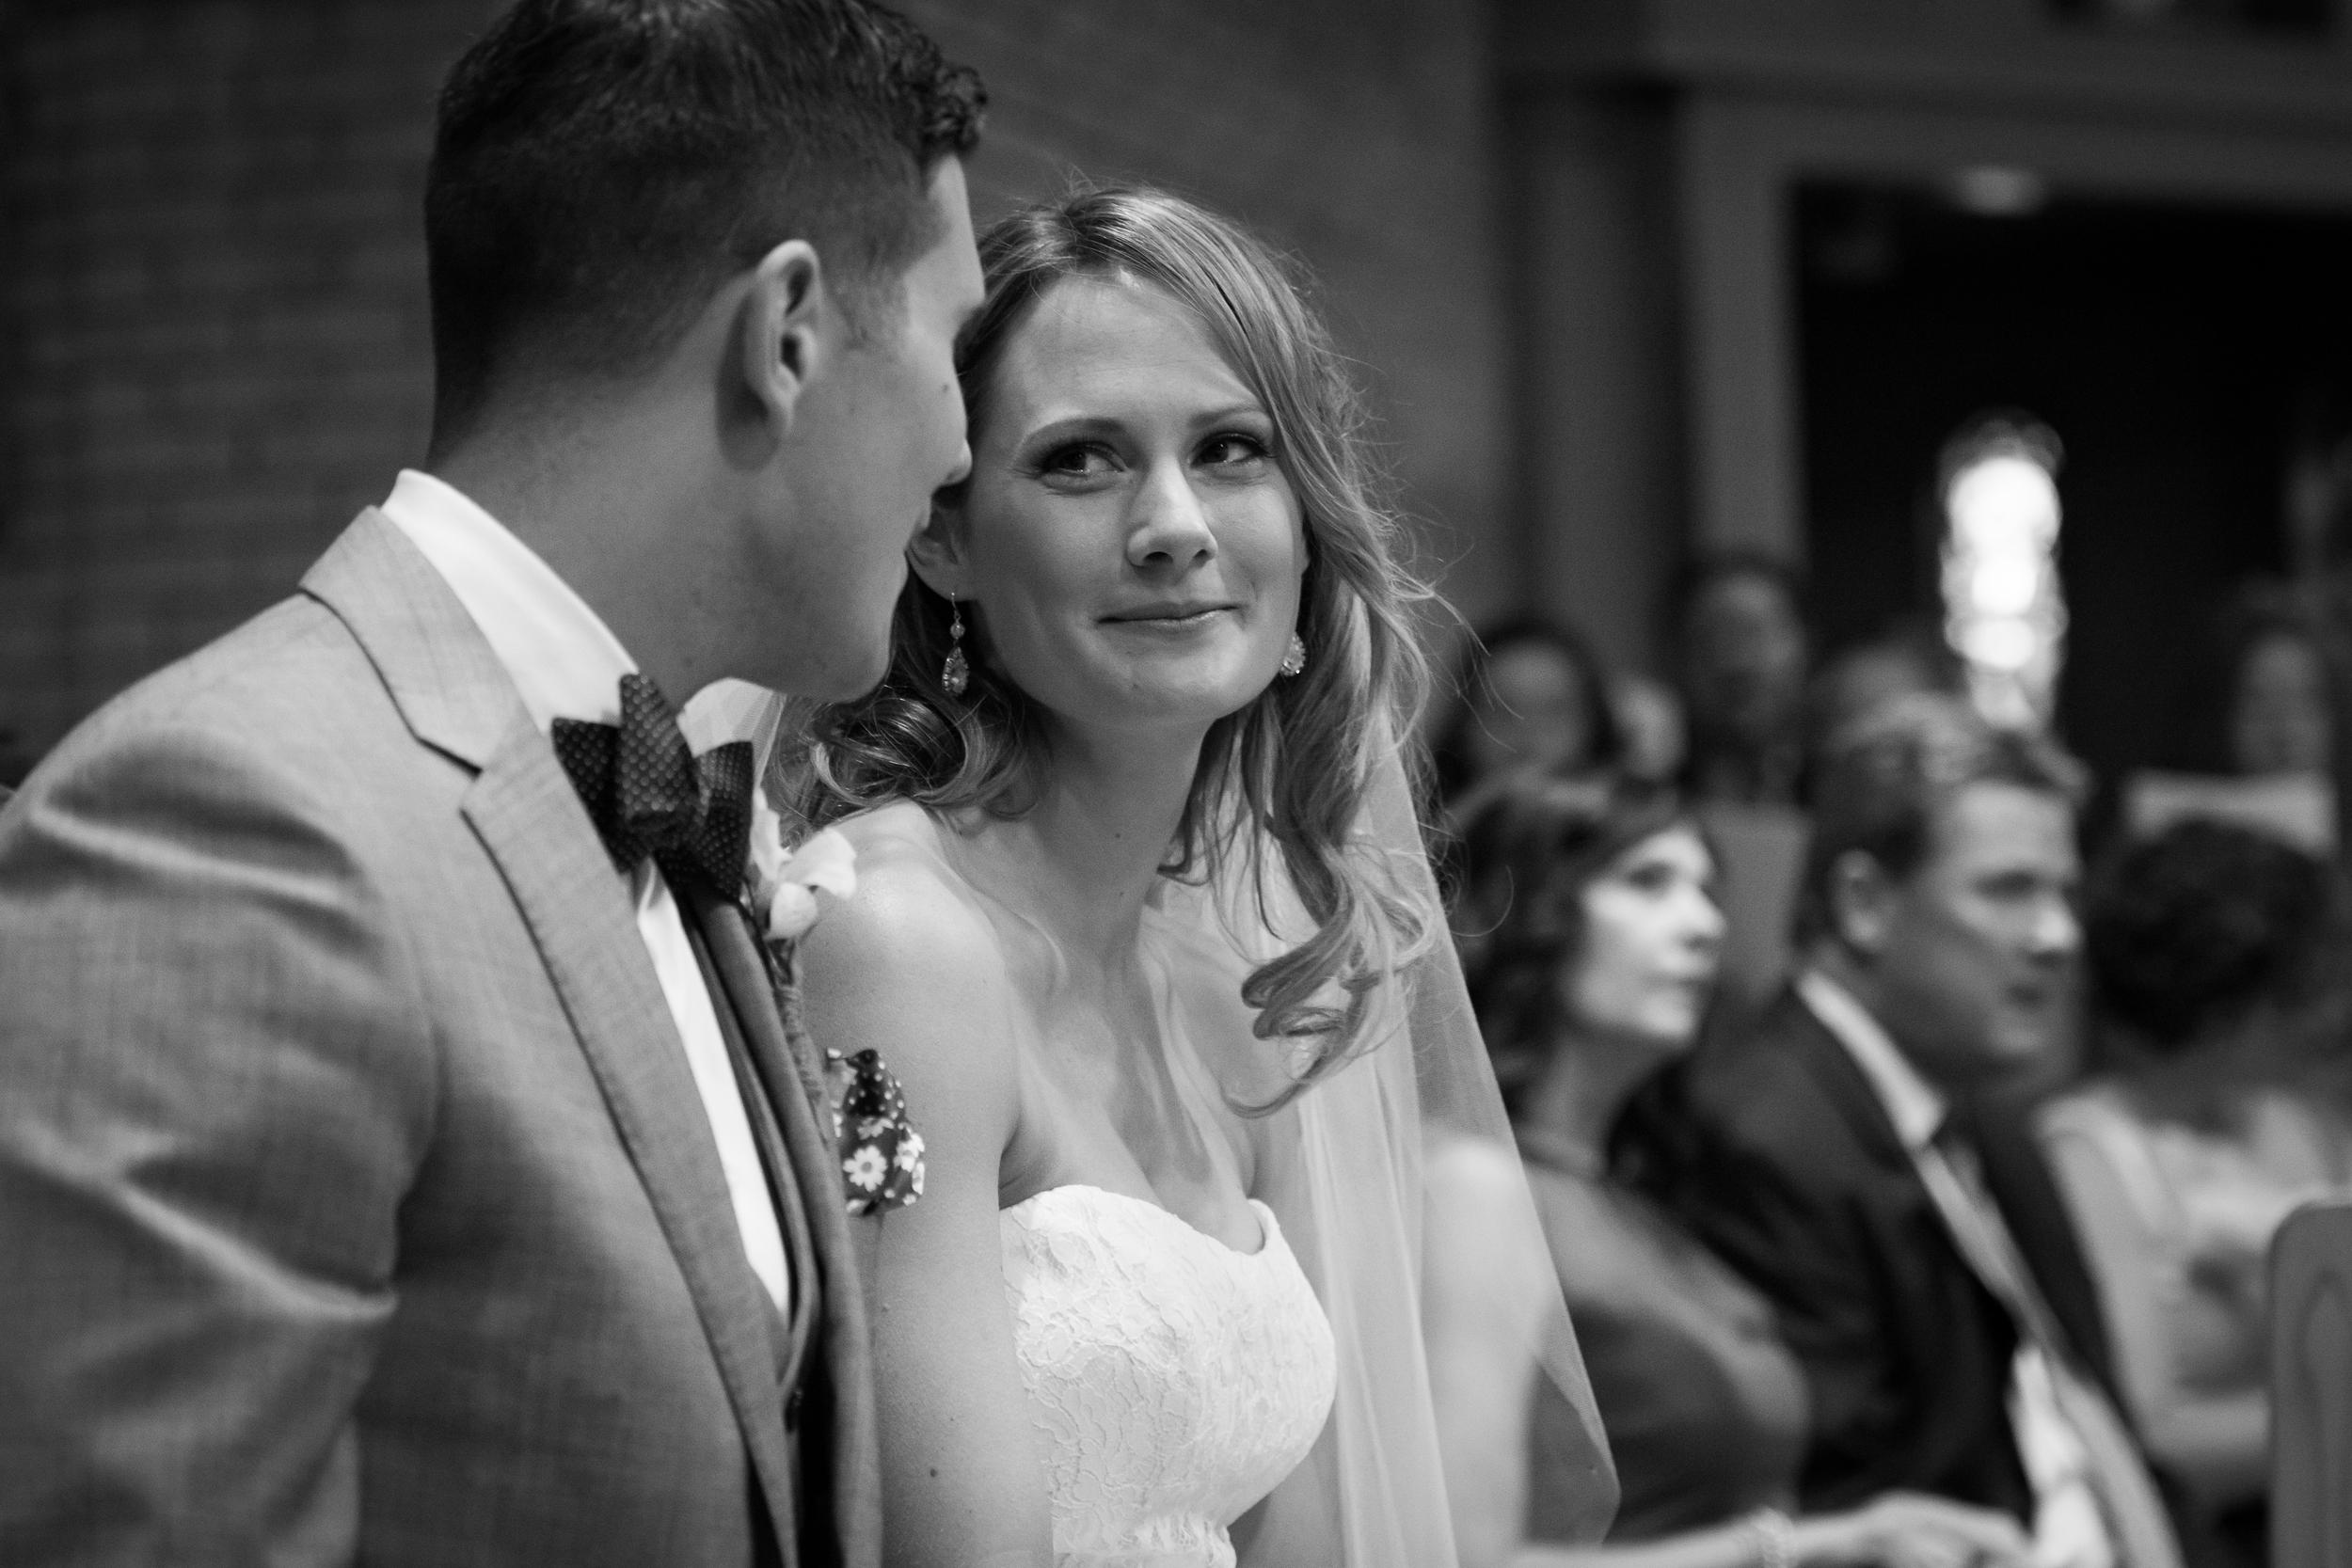 Wedding in church bride looking at groom